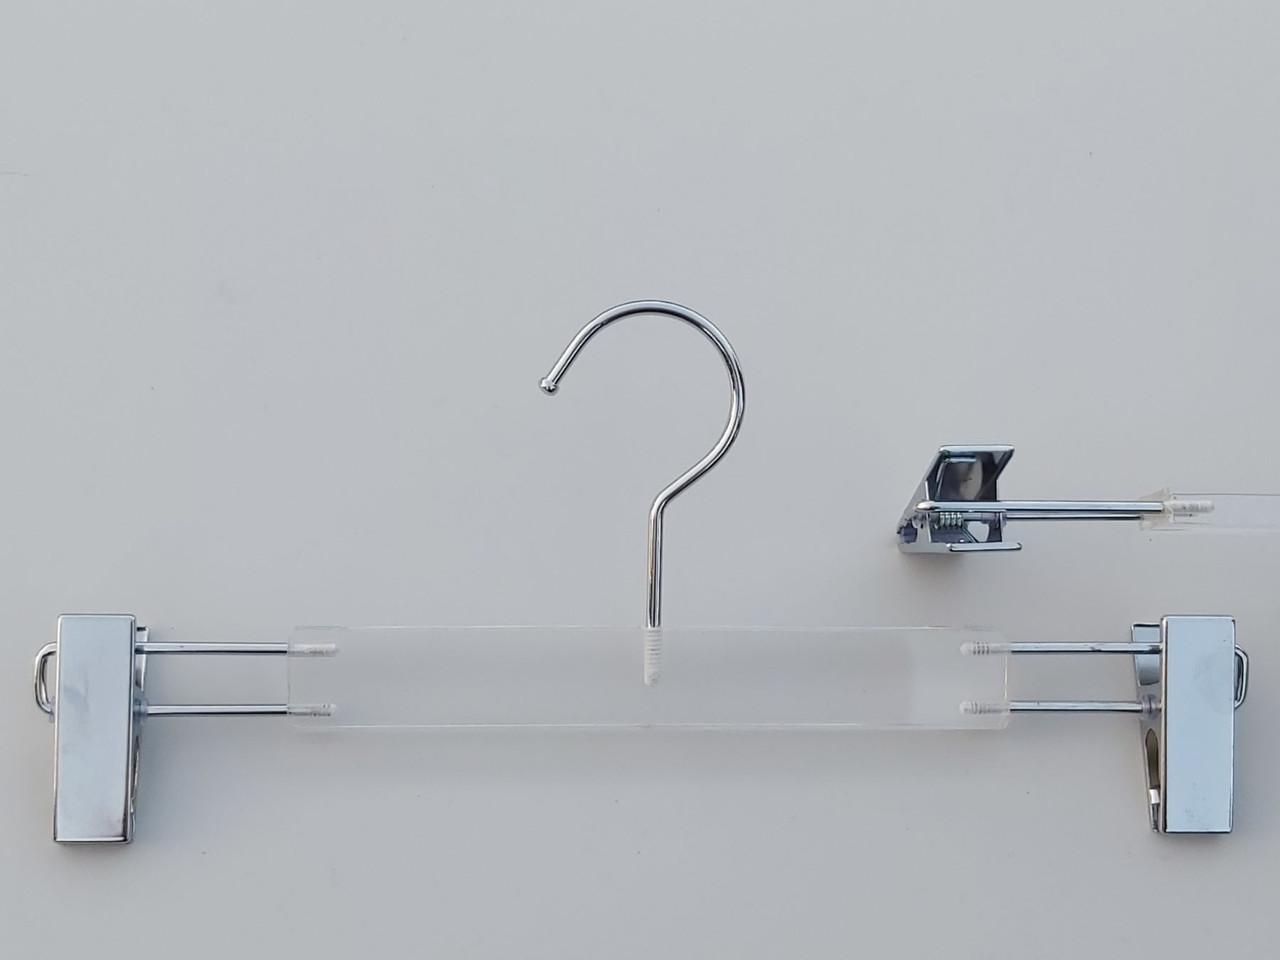 Плічка серія Сristallo для штанів і спідниць акрилові кришталево прозорі, довжина 33 см, Mainetti Group Італія